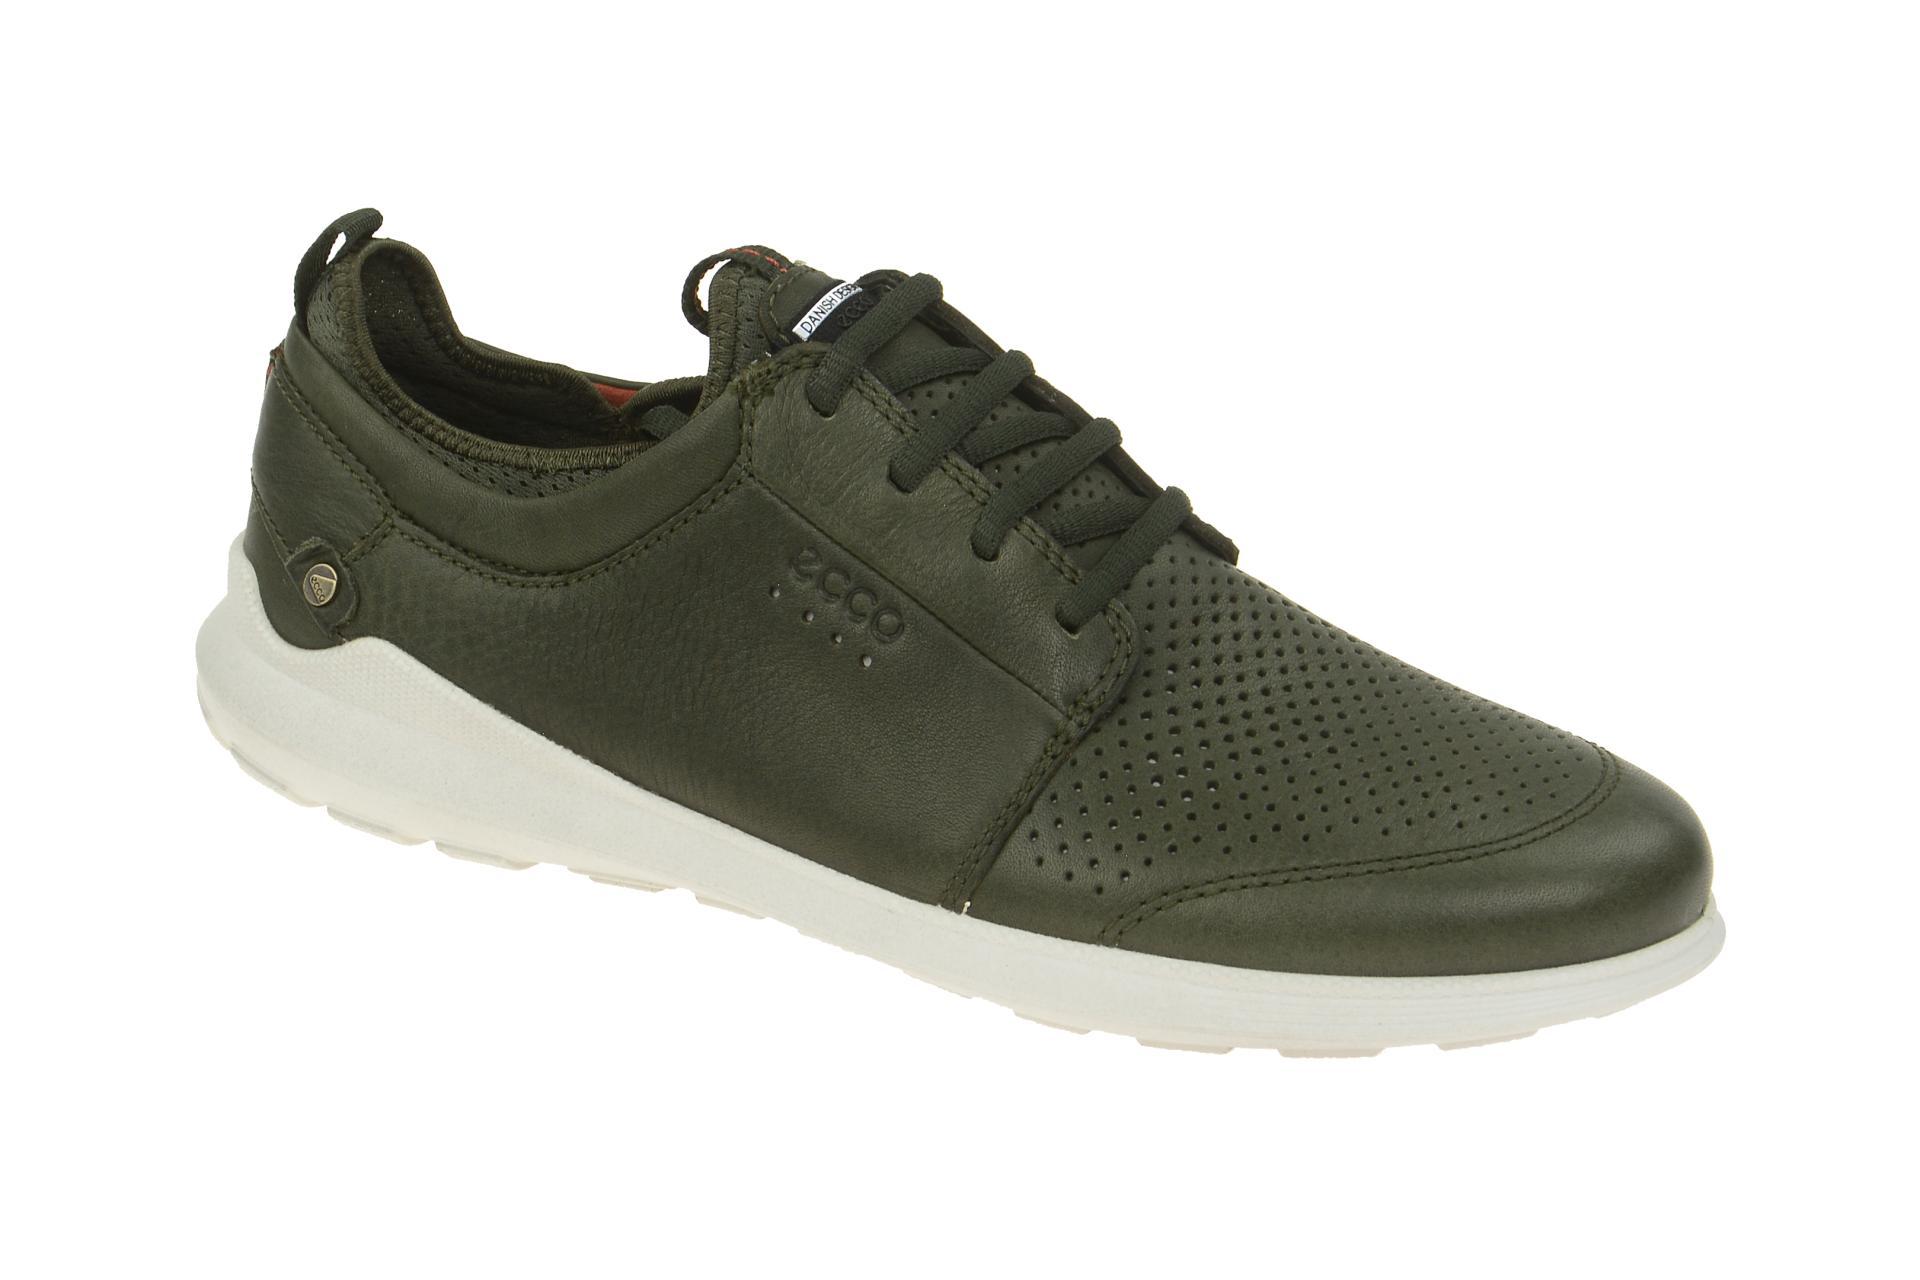 7957d1acdcbf99 Ecco Transit Schuhe grün Herren Sneaker - Schuhhaus Strauch Shop